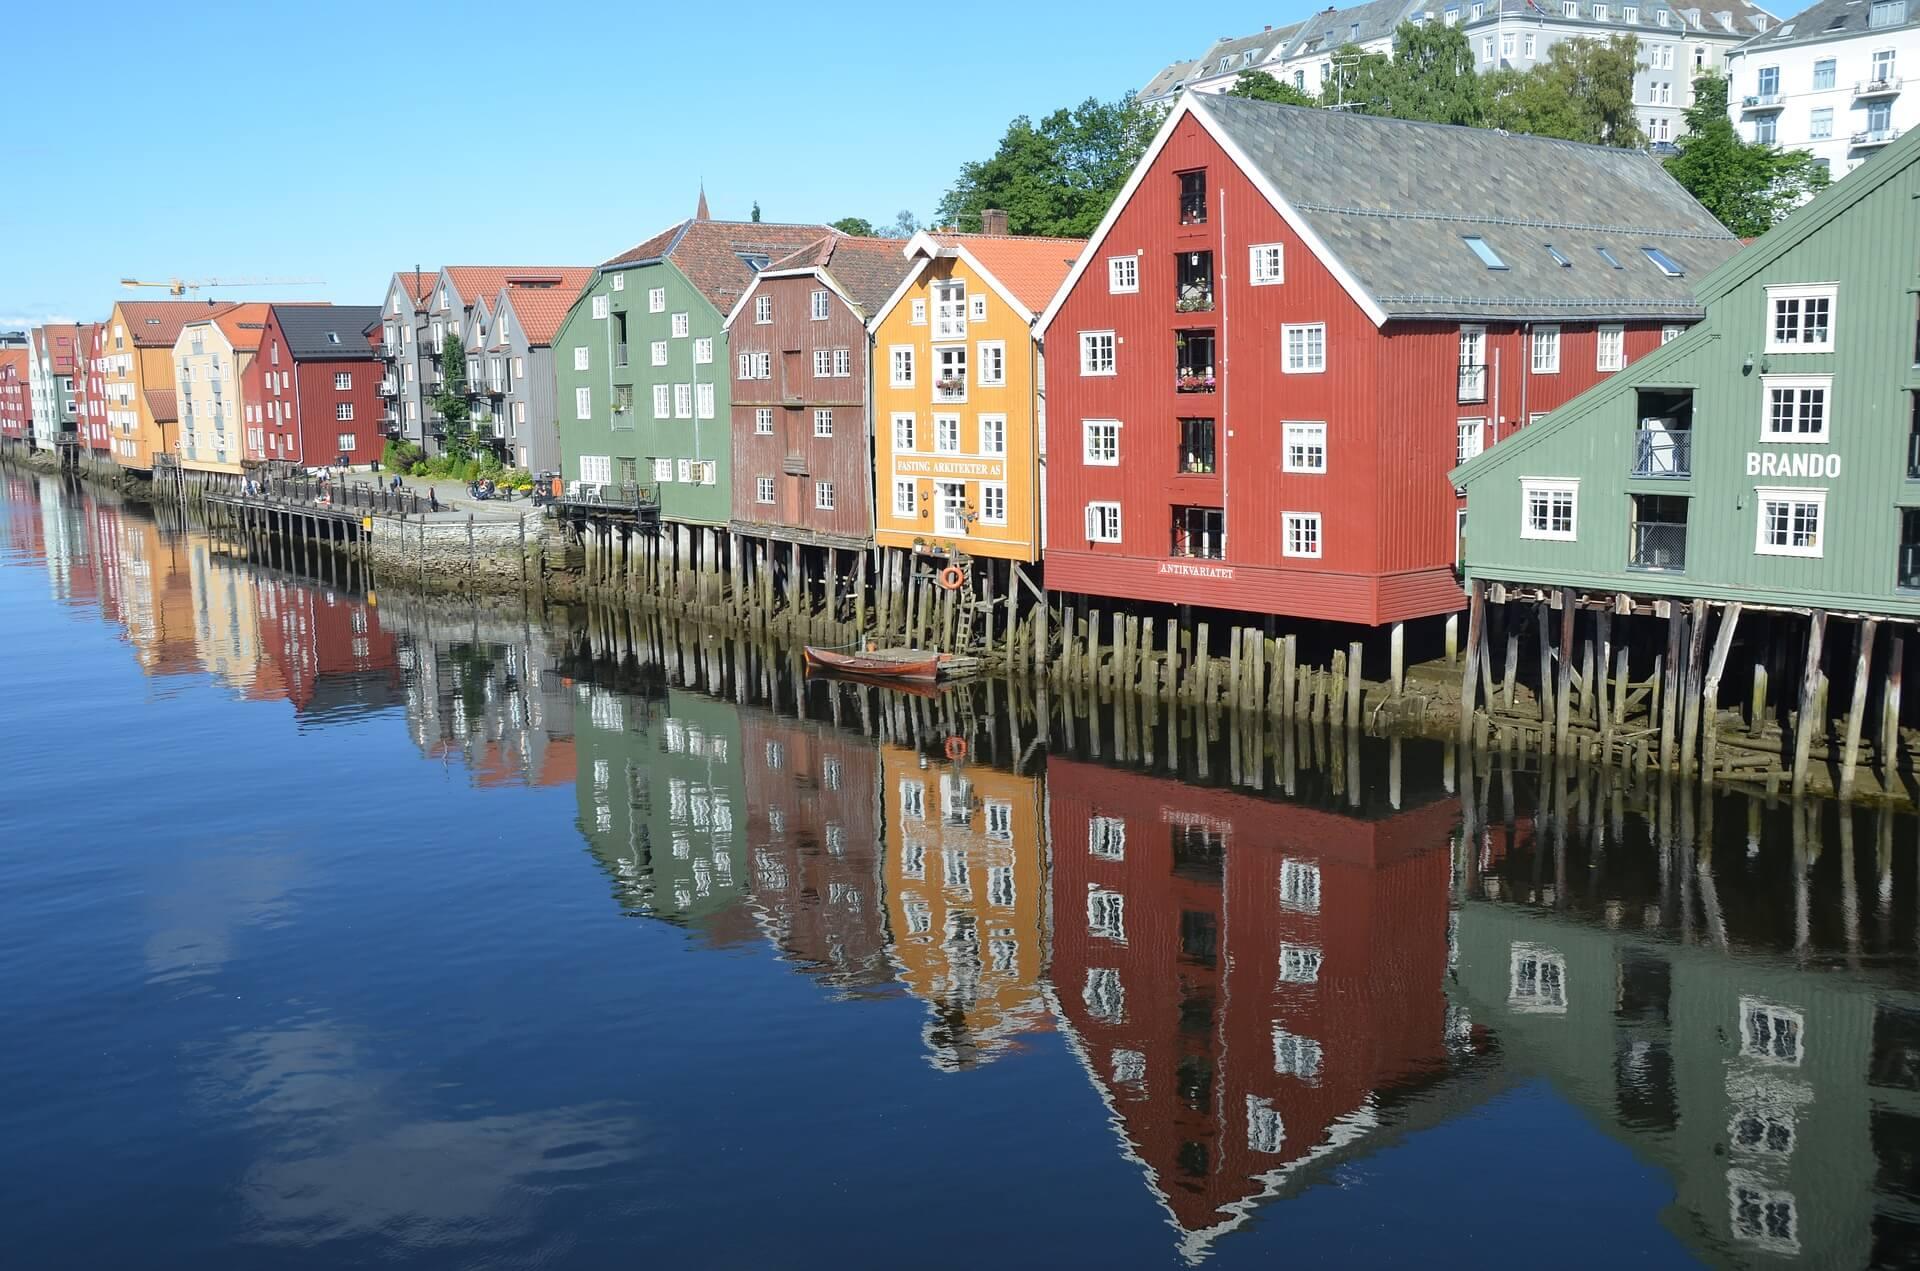 Direktflüge und Billigflüge nach Trondheim